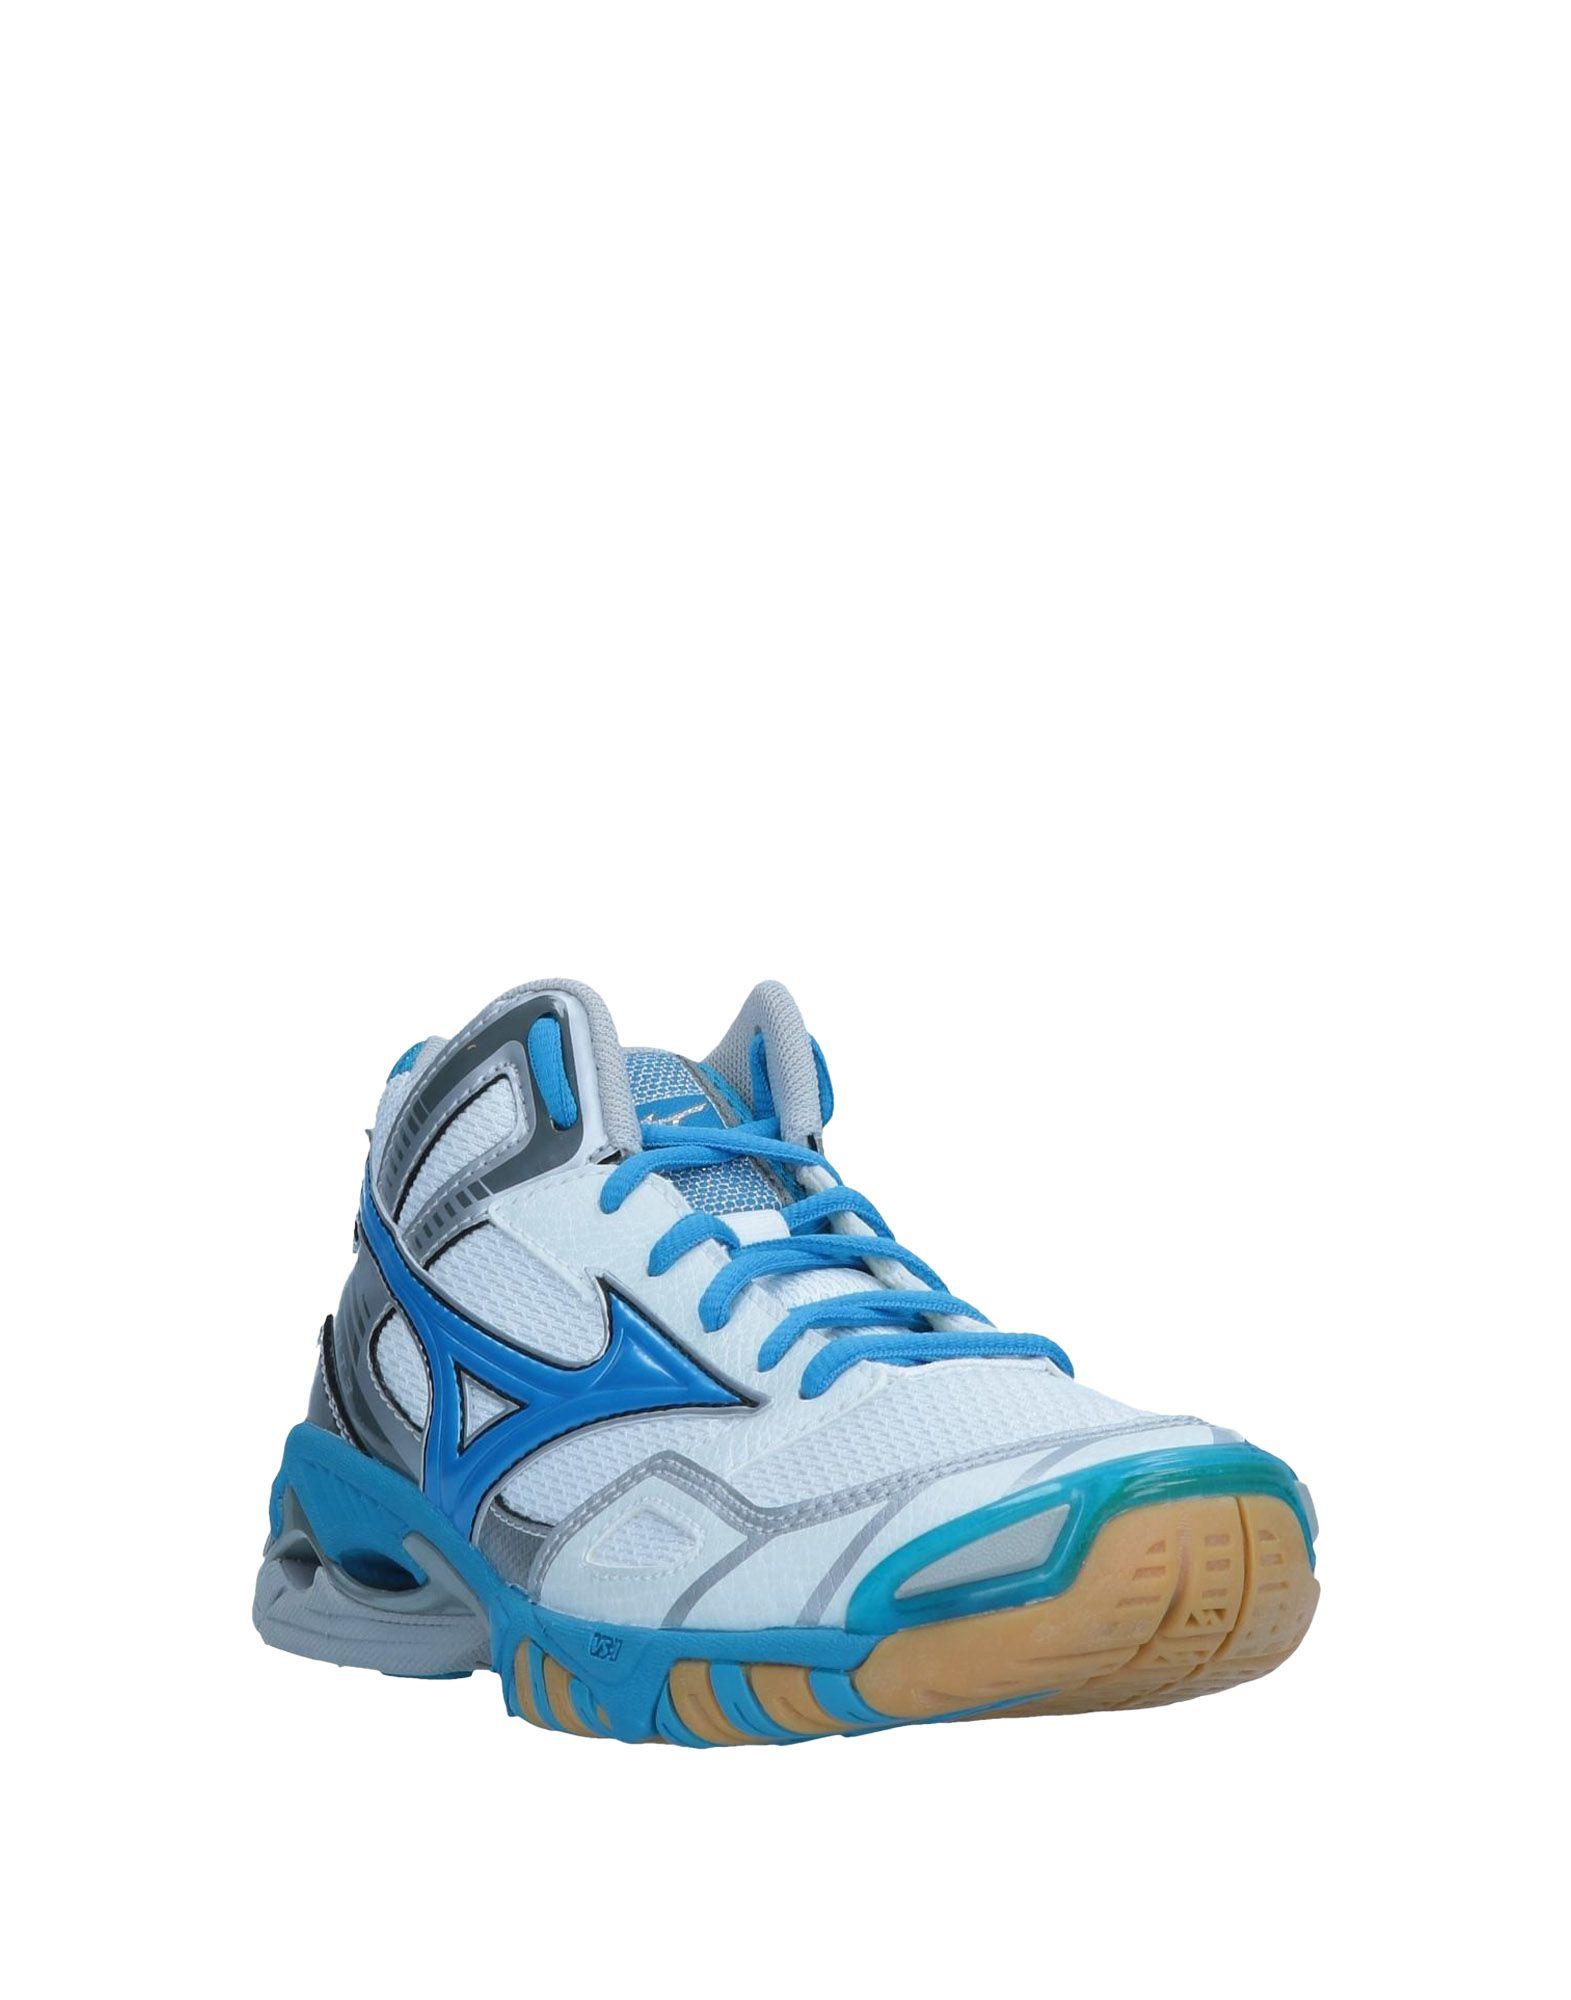 Reebok Turnschuhes Damen 11546160WN Gute Schuhe Qualität beliebte Schuhe Gute ed079b